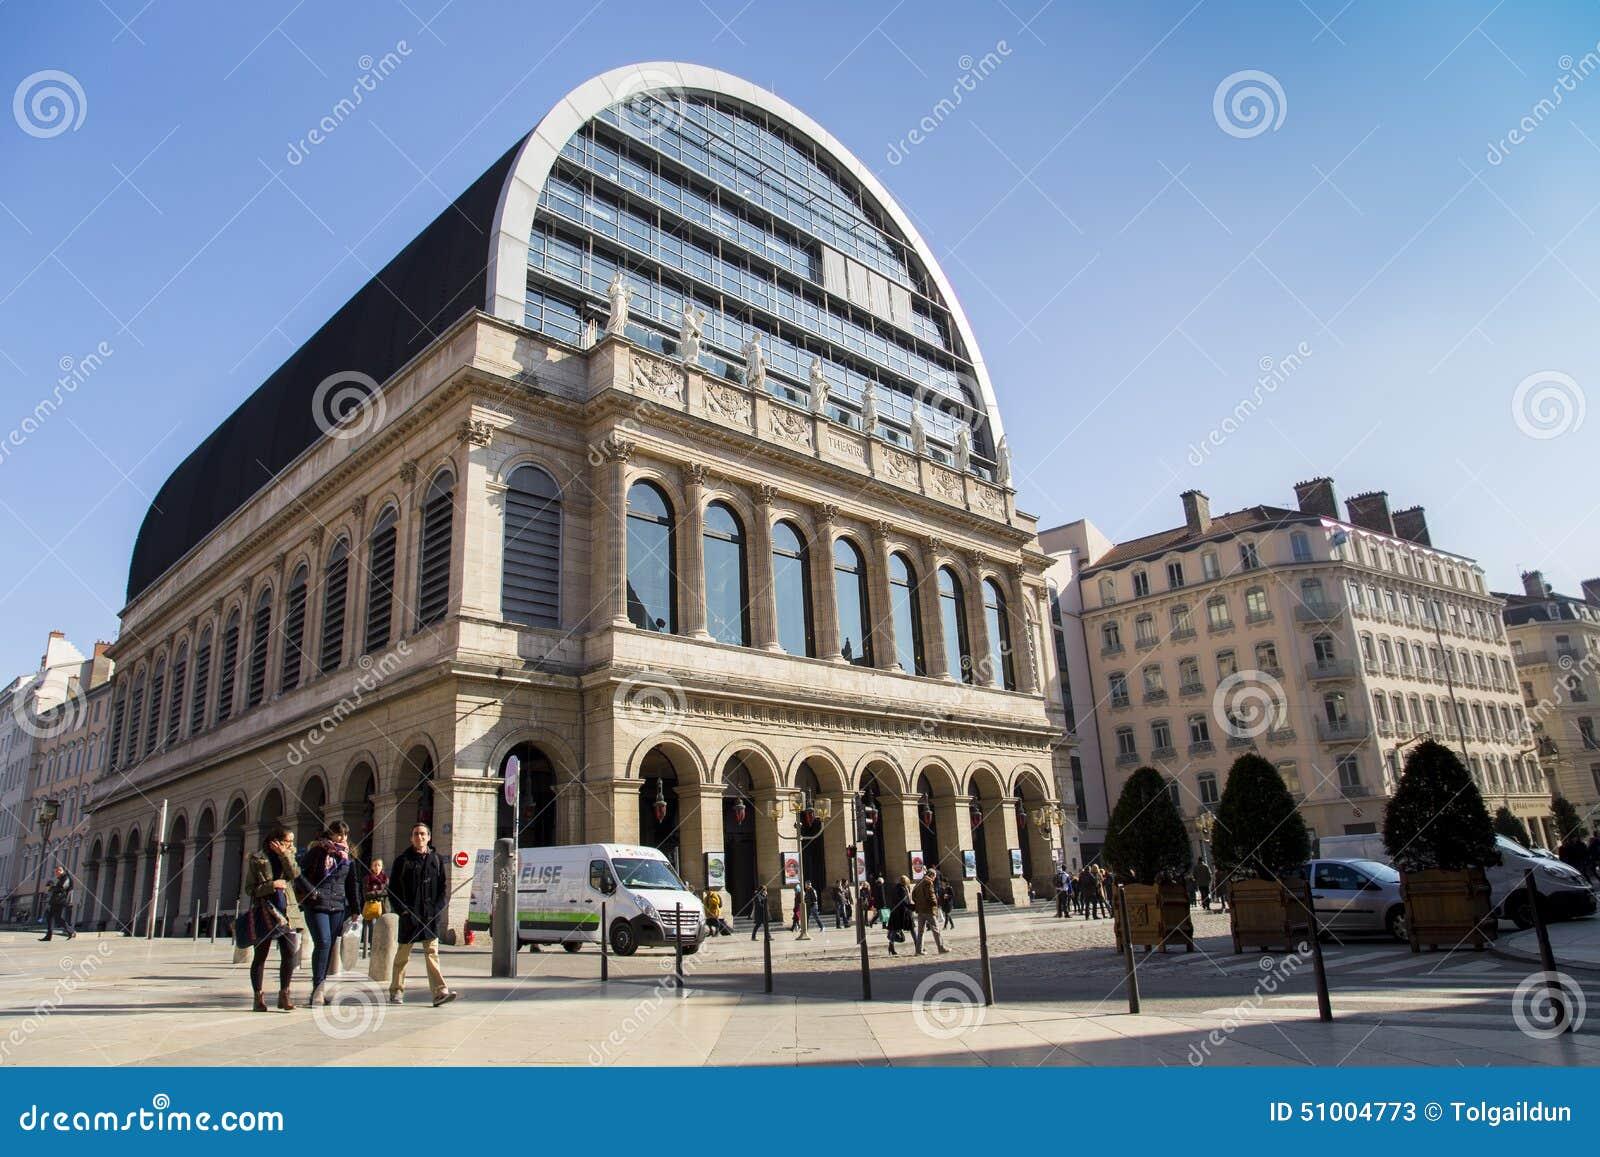 Il grande teatro dell opera (Opéra de nazionale Lione) è un opera lirica a Lione, Francia